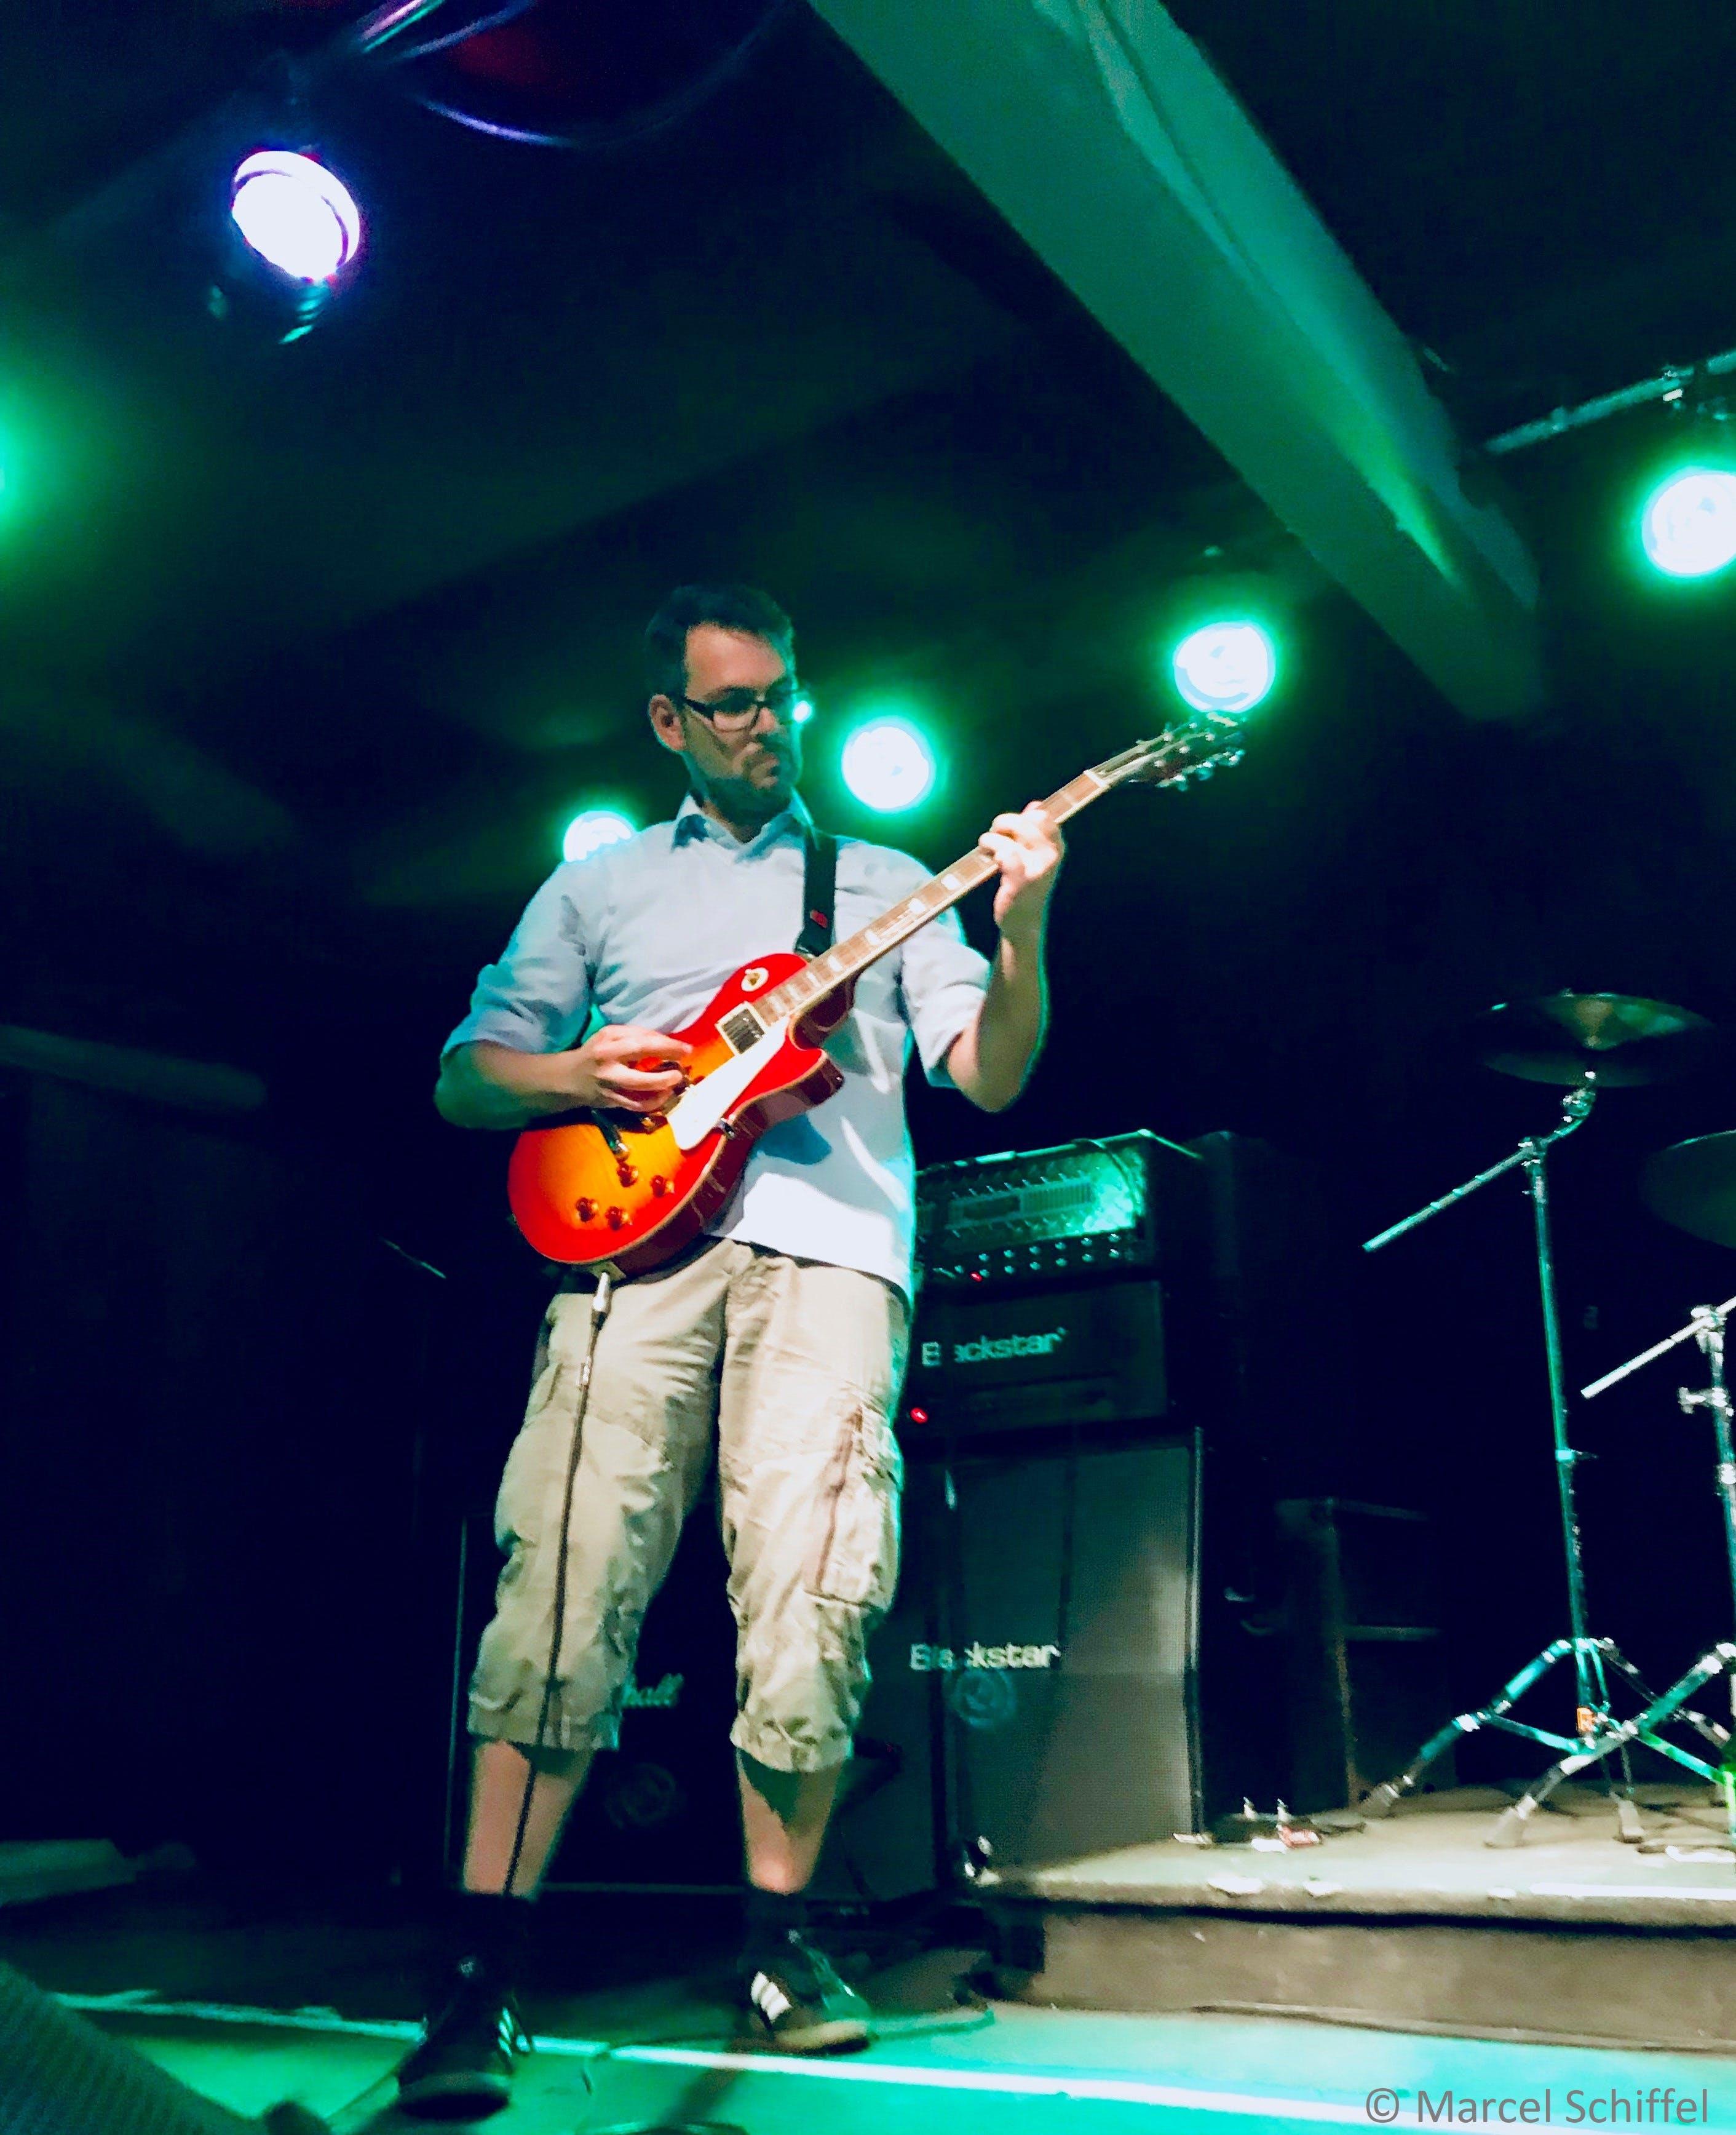 Unser Geschäftsführer Mirko Seifert an der Gitarre